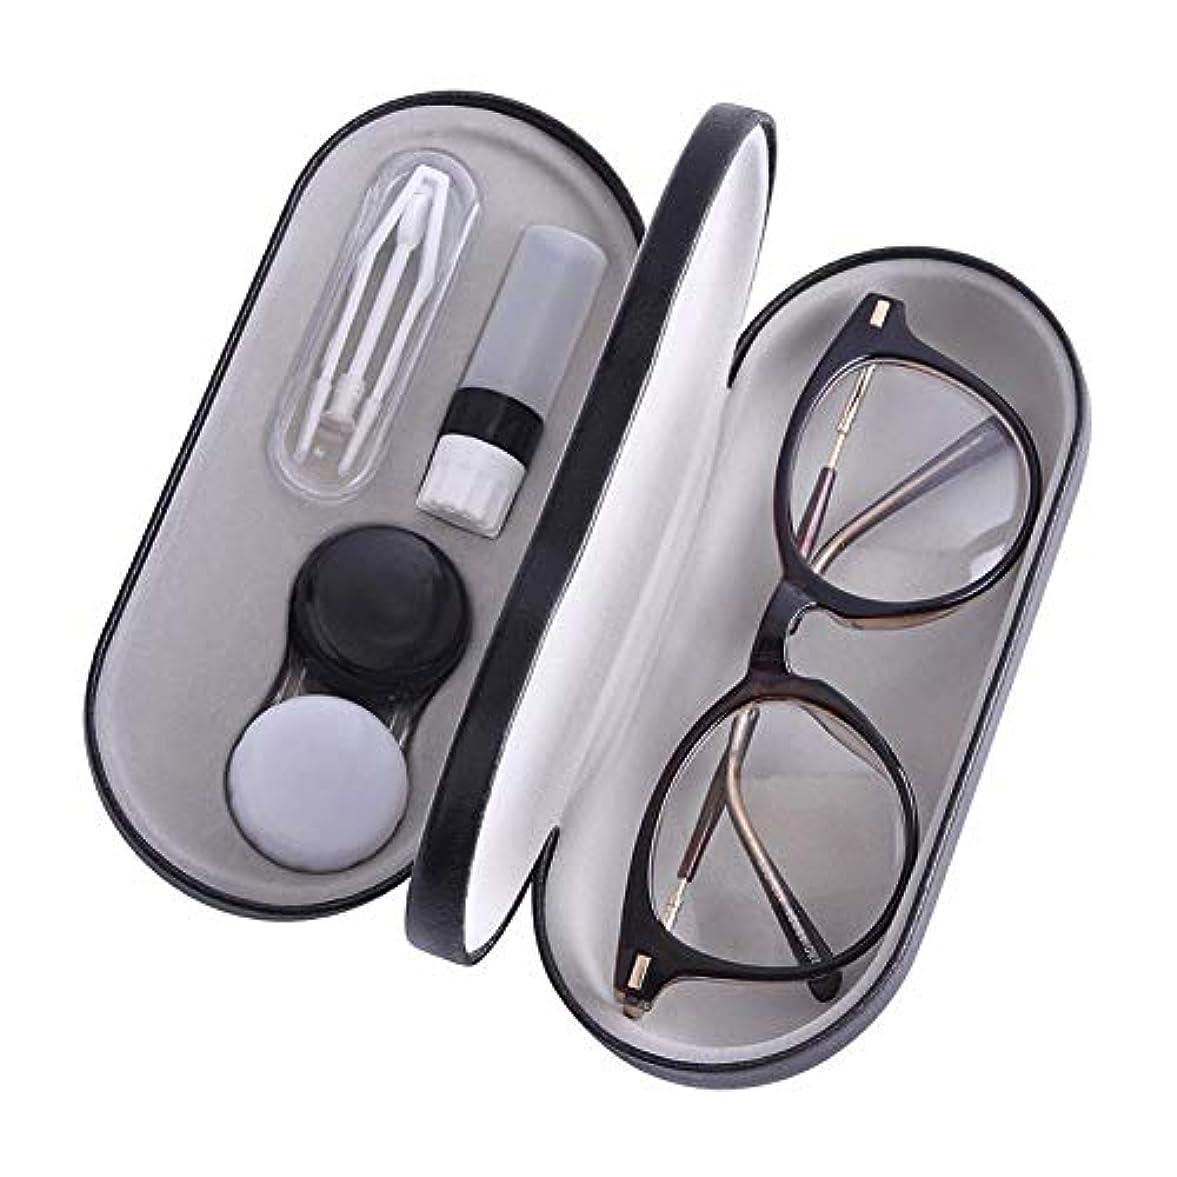 従事する暴露する外国人コンタクトレンズケーストラベルホームイノベーション両面メガネ収納ボックストラベルセットボックス携帯しやすいミニボックスコンテナコンタクトレンズフレーム